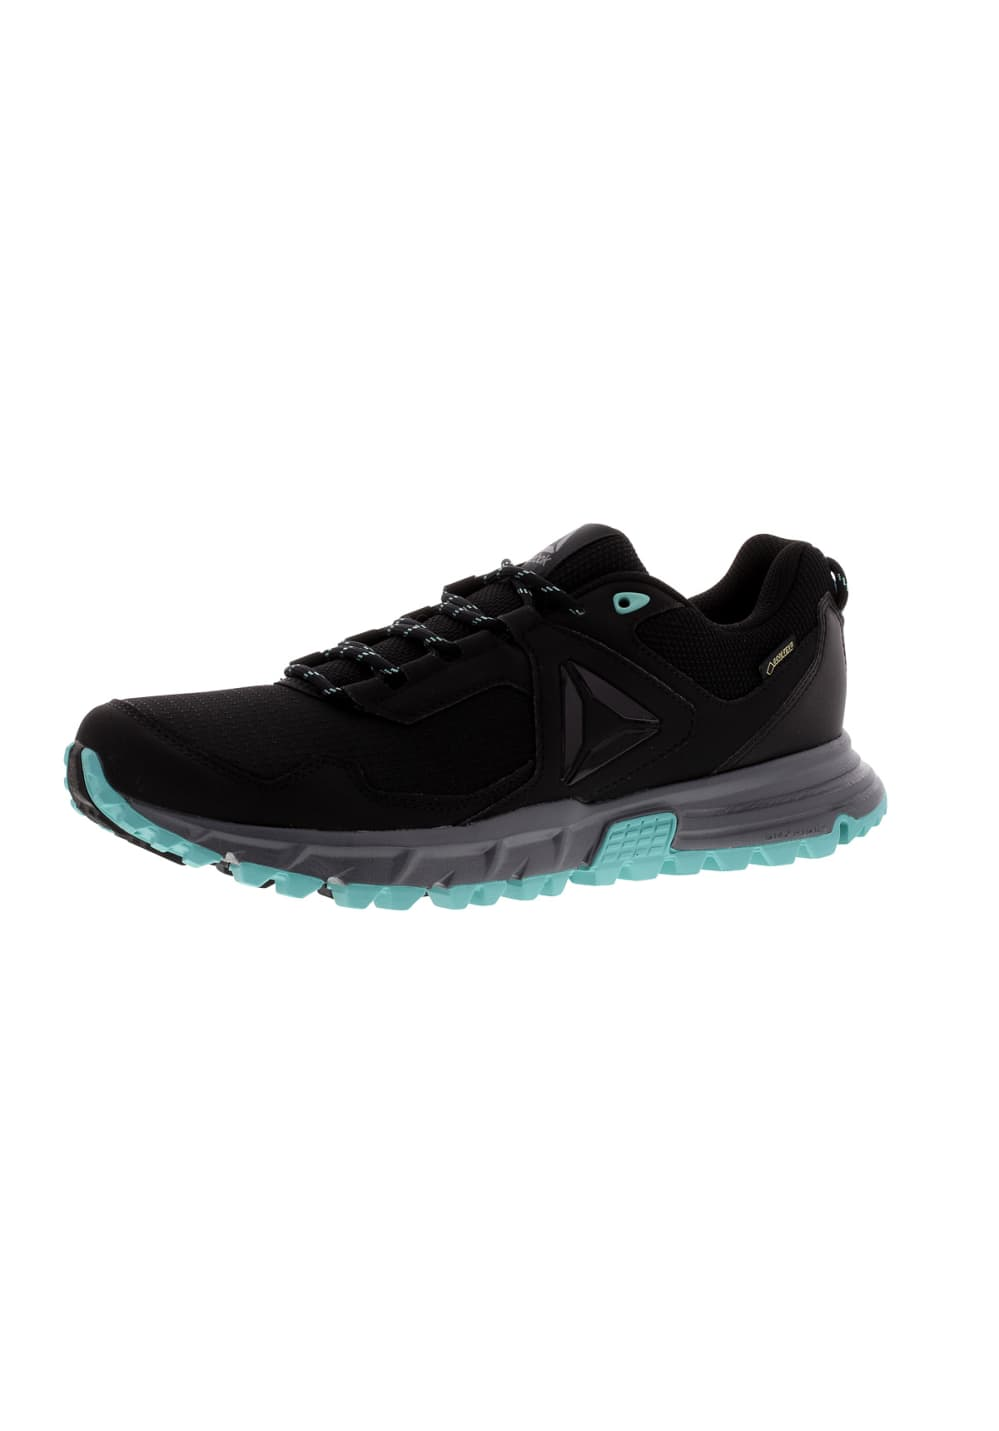 c99e26ef4506b Reebok Sawcut 5.0 GTX - Walking shoes for Women - Black